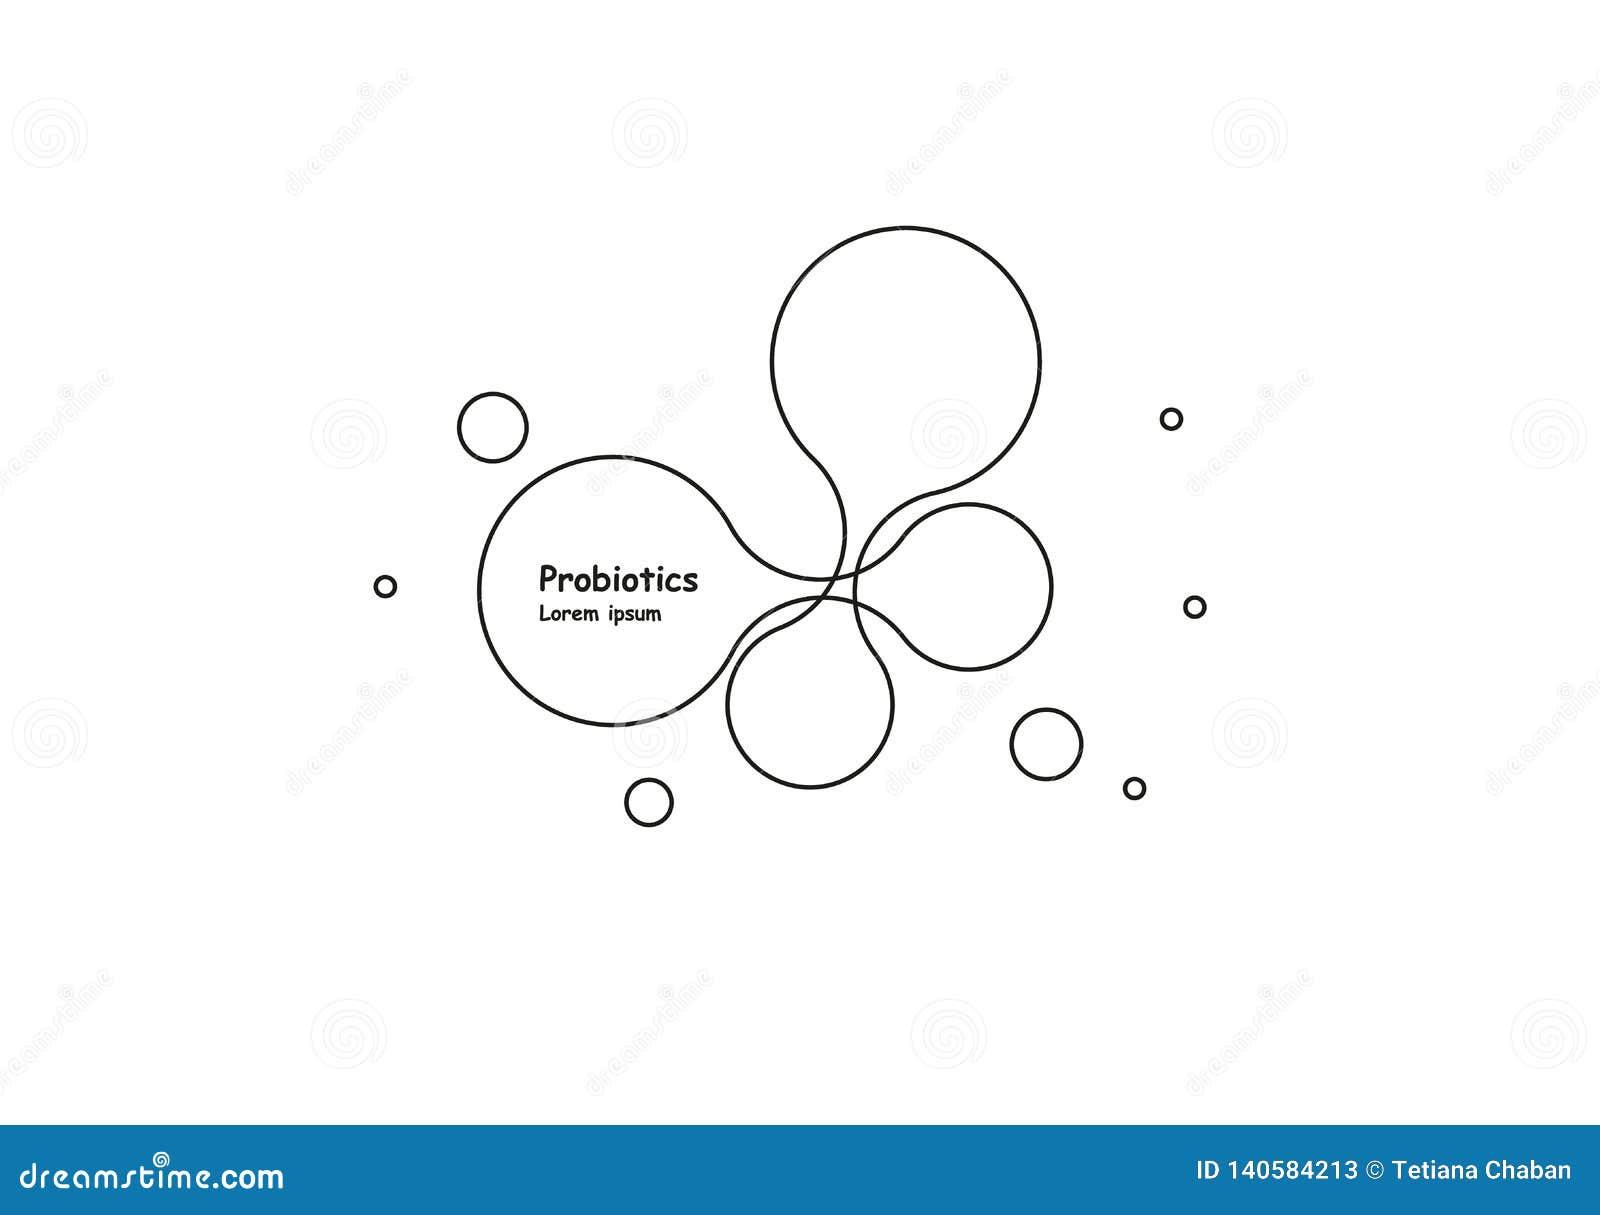 βιόκοσμου Μόριο συμβόλων Διανυσματικό πρότυπο λογότυπων Αφηρημένο διανυσματικό πρότυπο μορίων Ανάπτυξη νανοτεχνολογίας